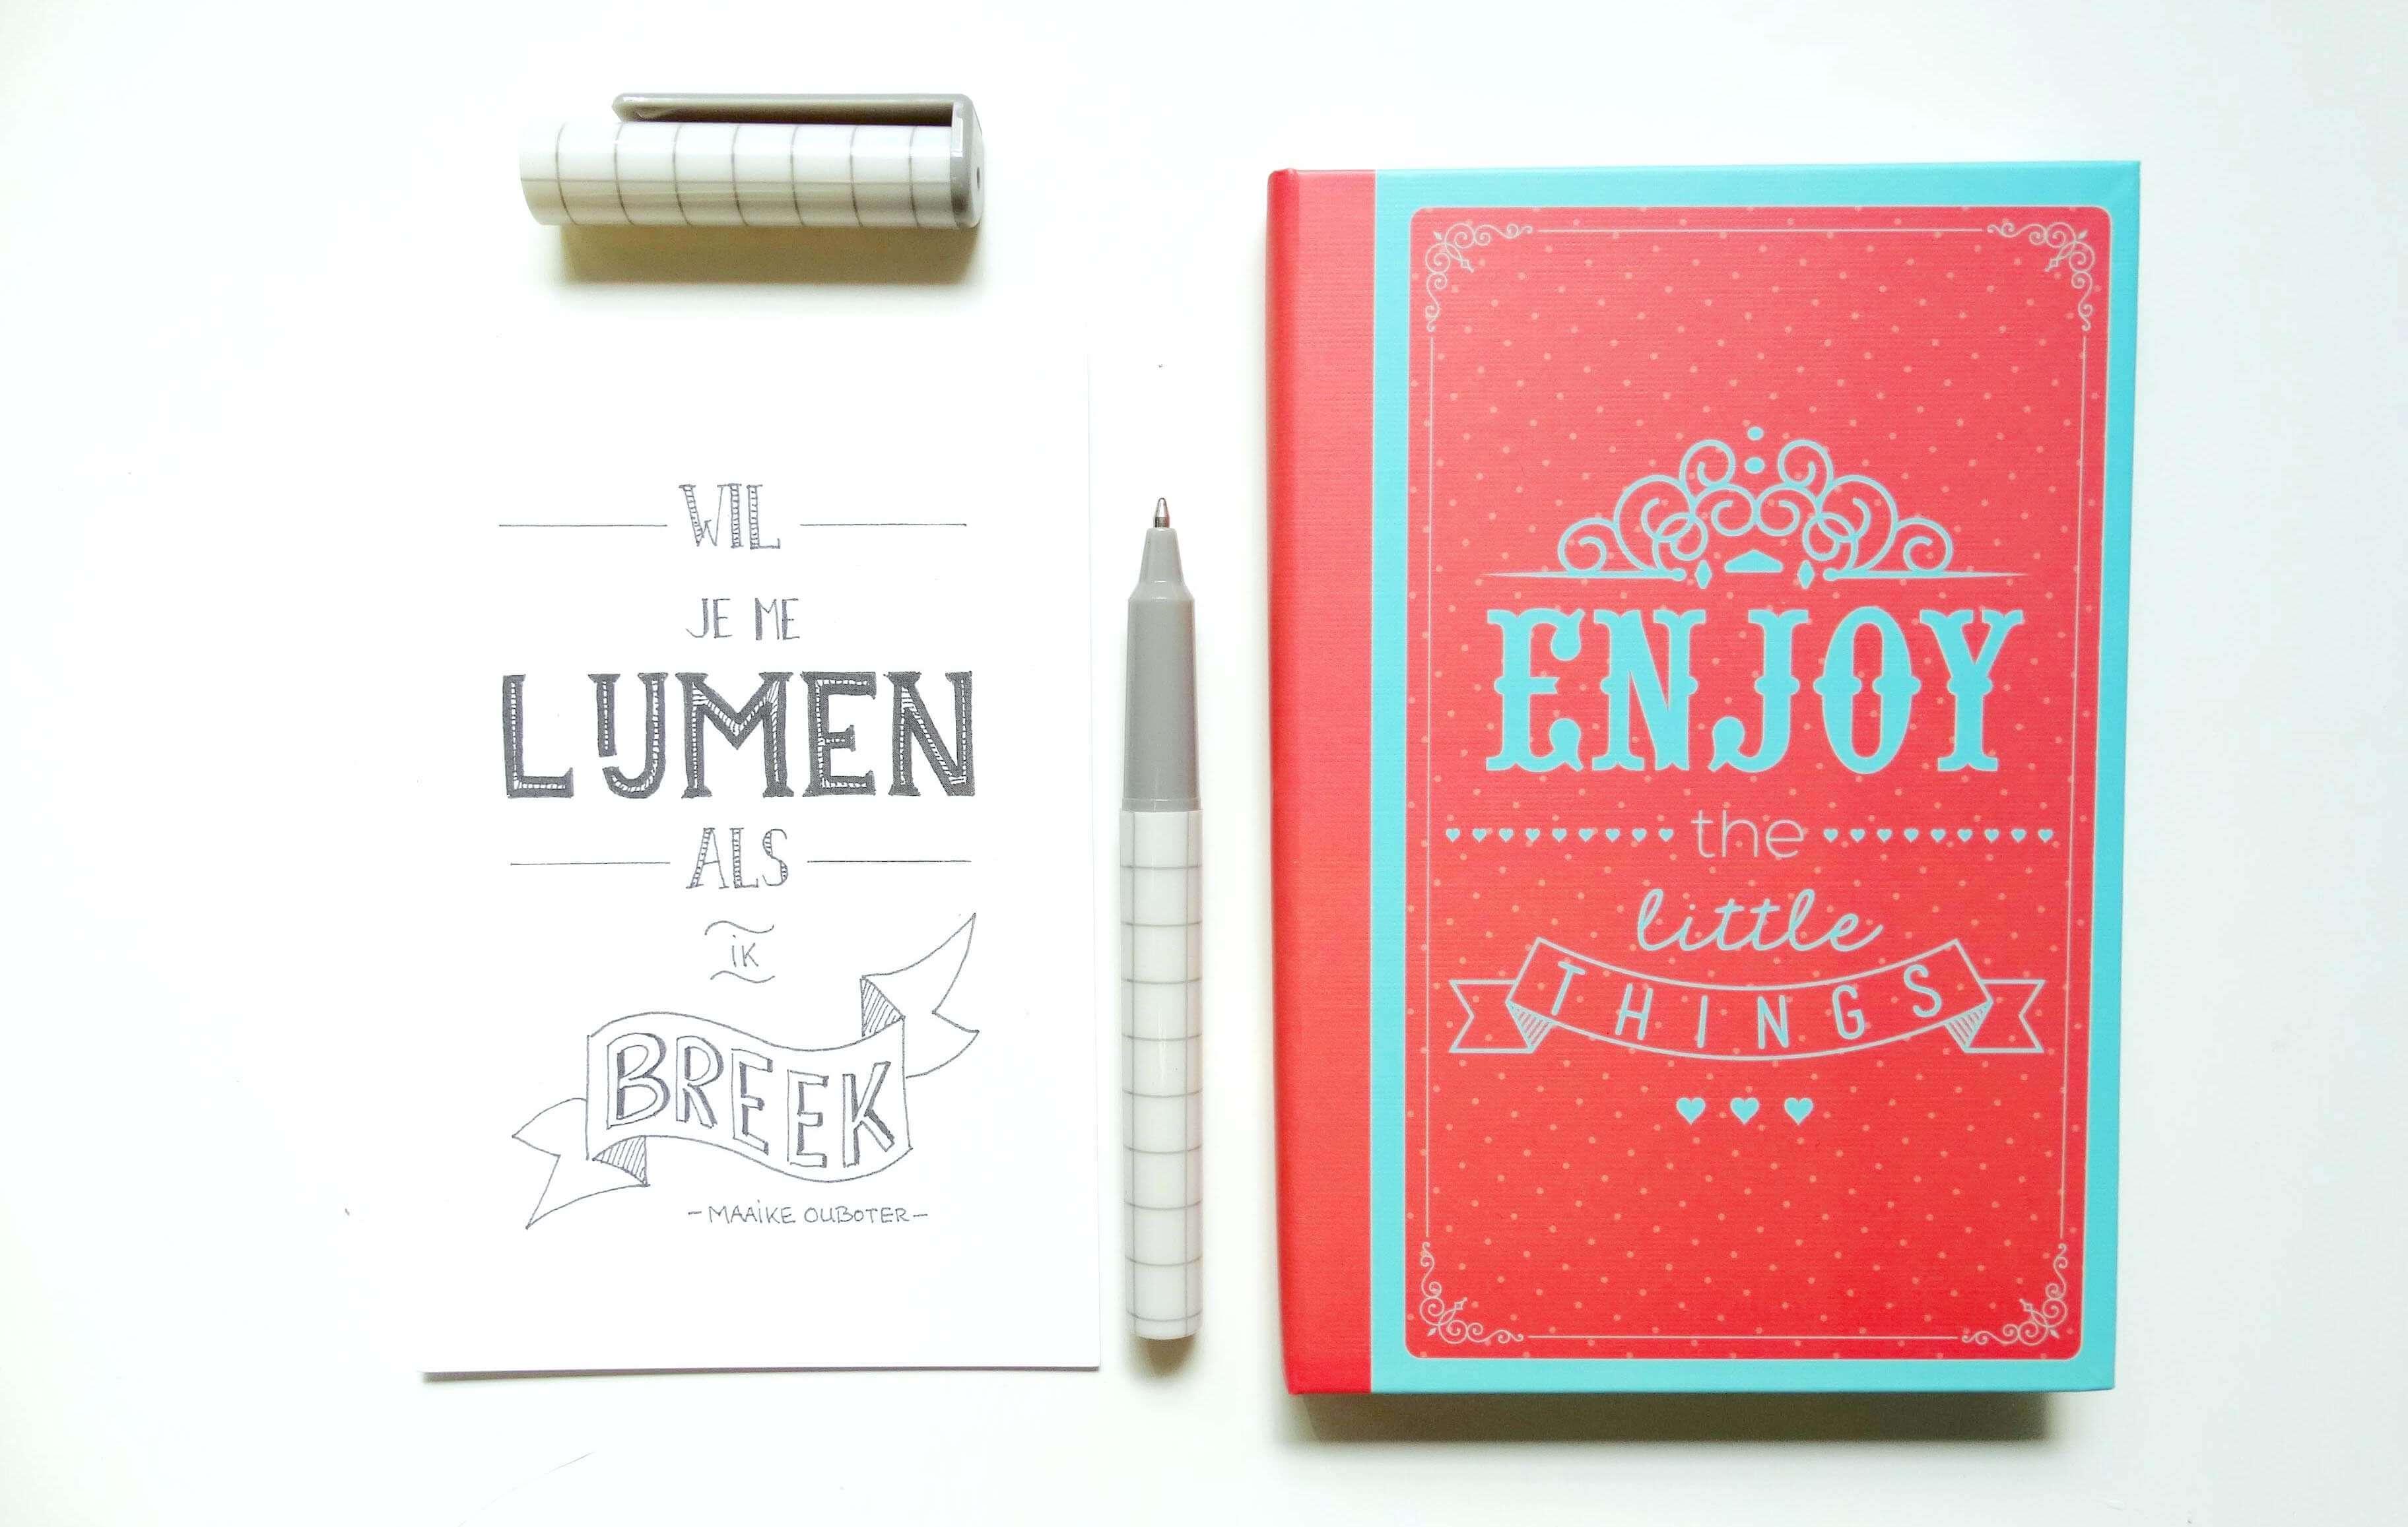 Mooie quotes verzamelen in je notitieboek